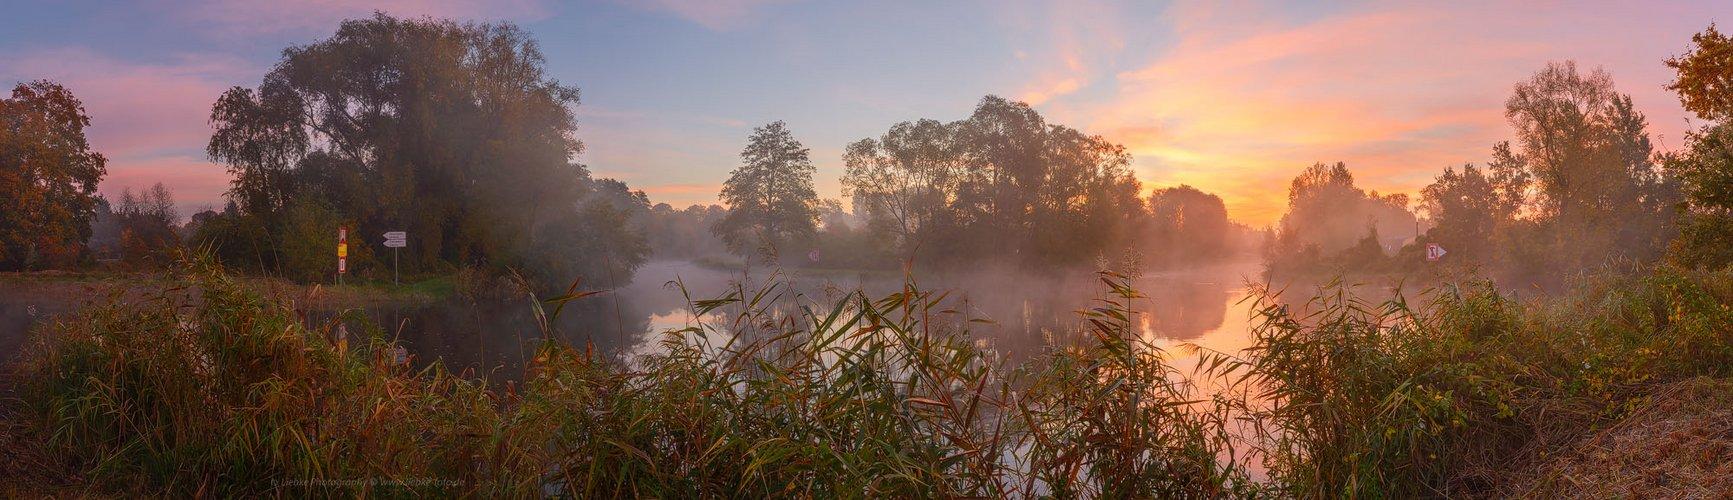 Nebliger Morgen am Havelkanal in Oranienburg